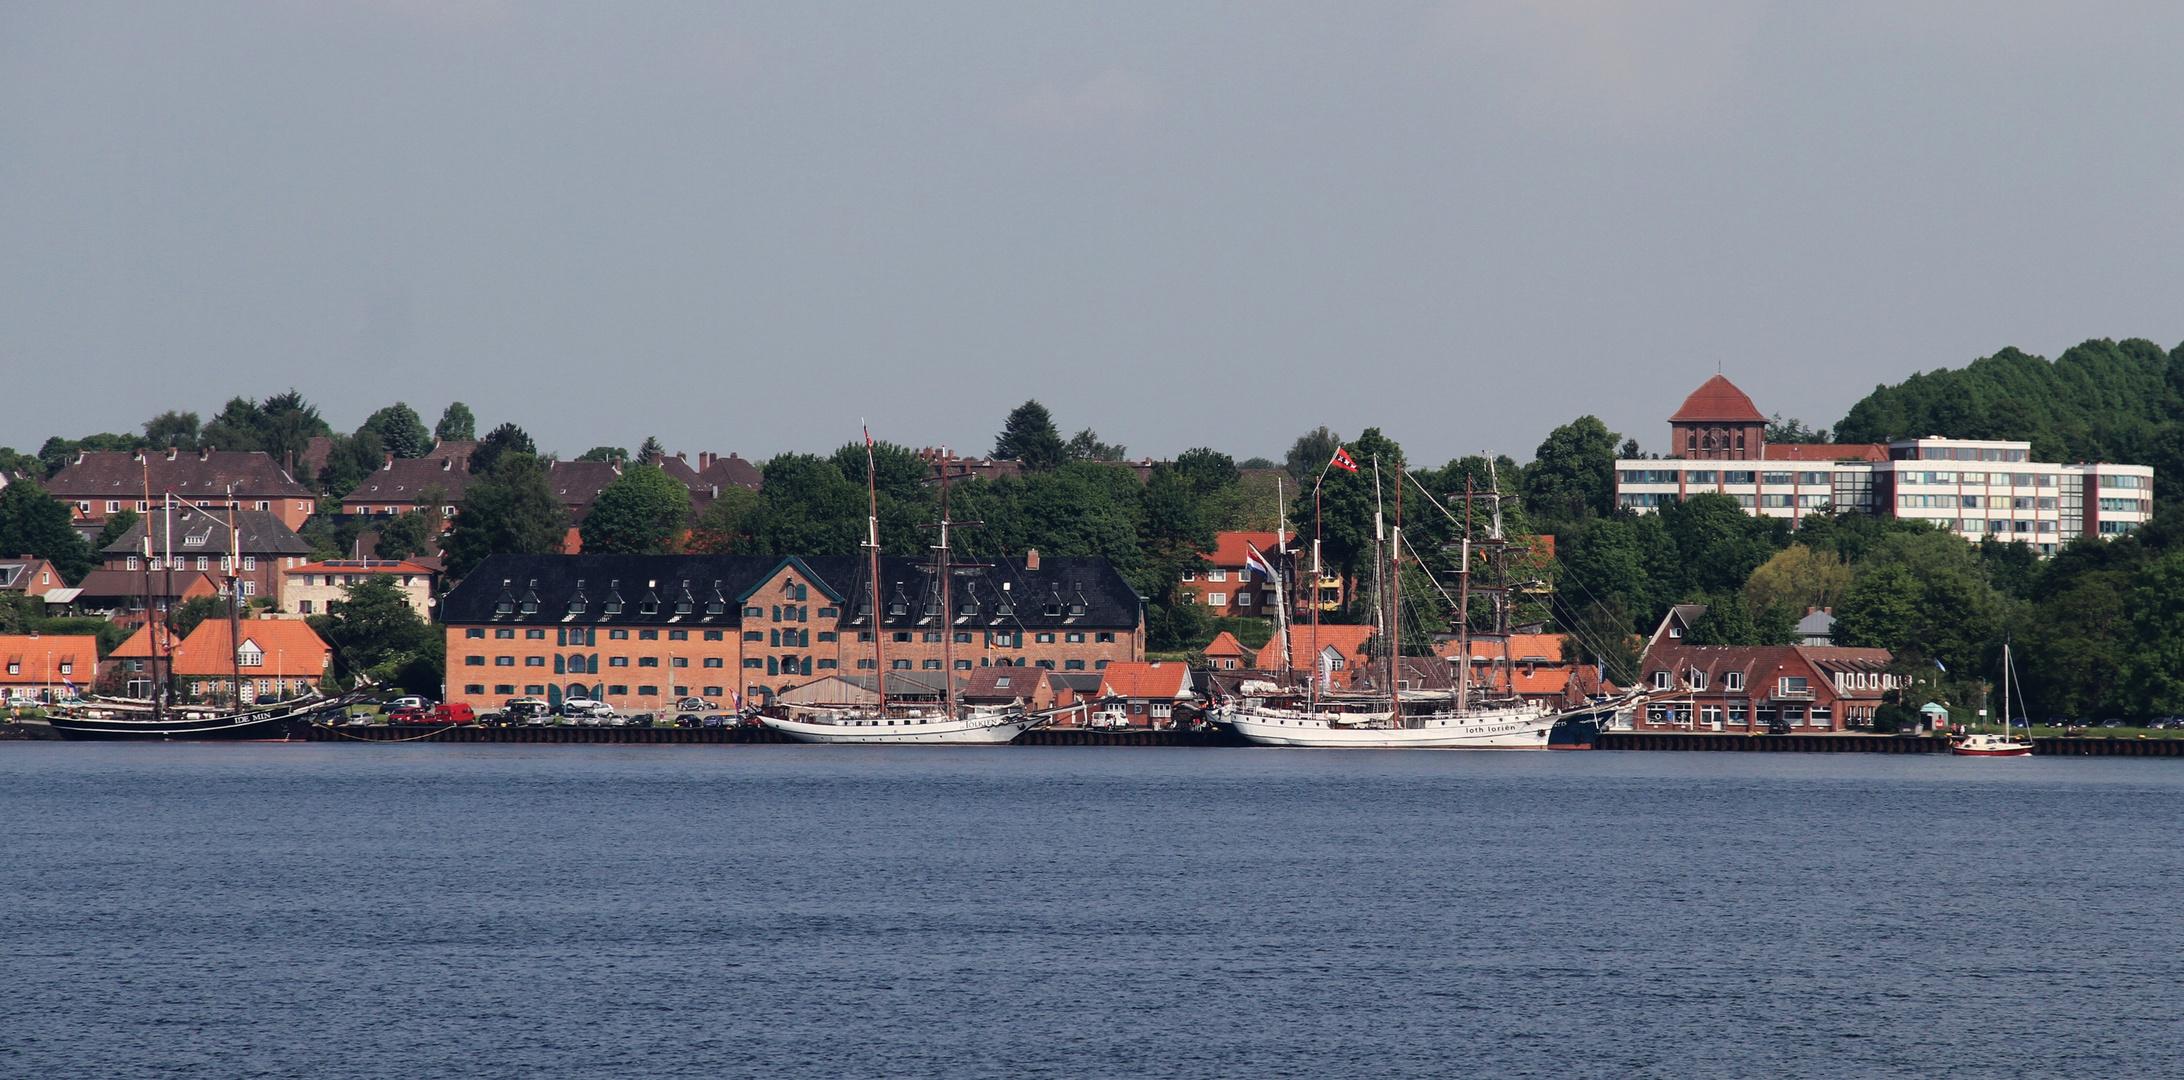 Mein Blick von der Freya ... auf Kiel Holtenau !